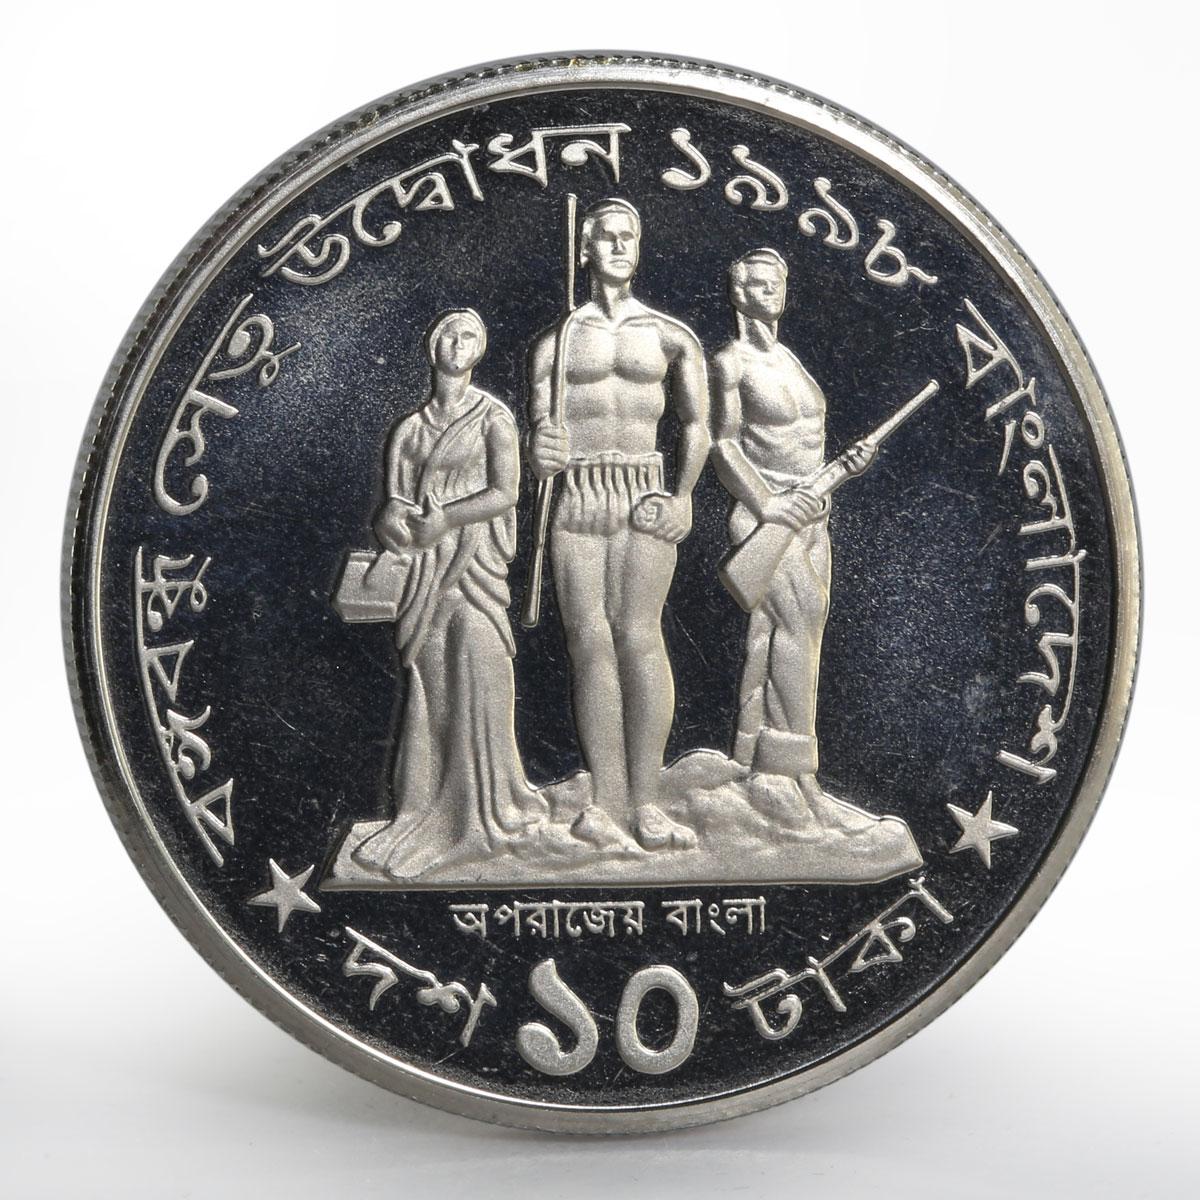 10 taka coin